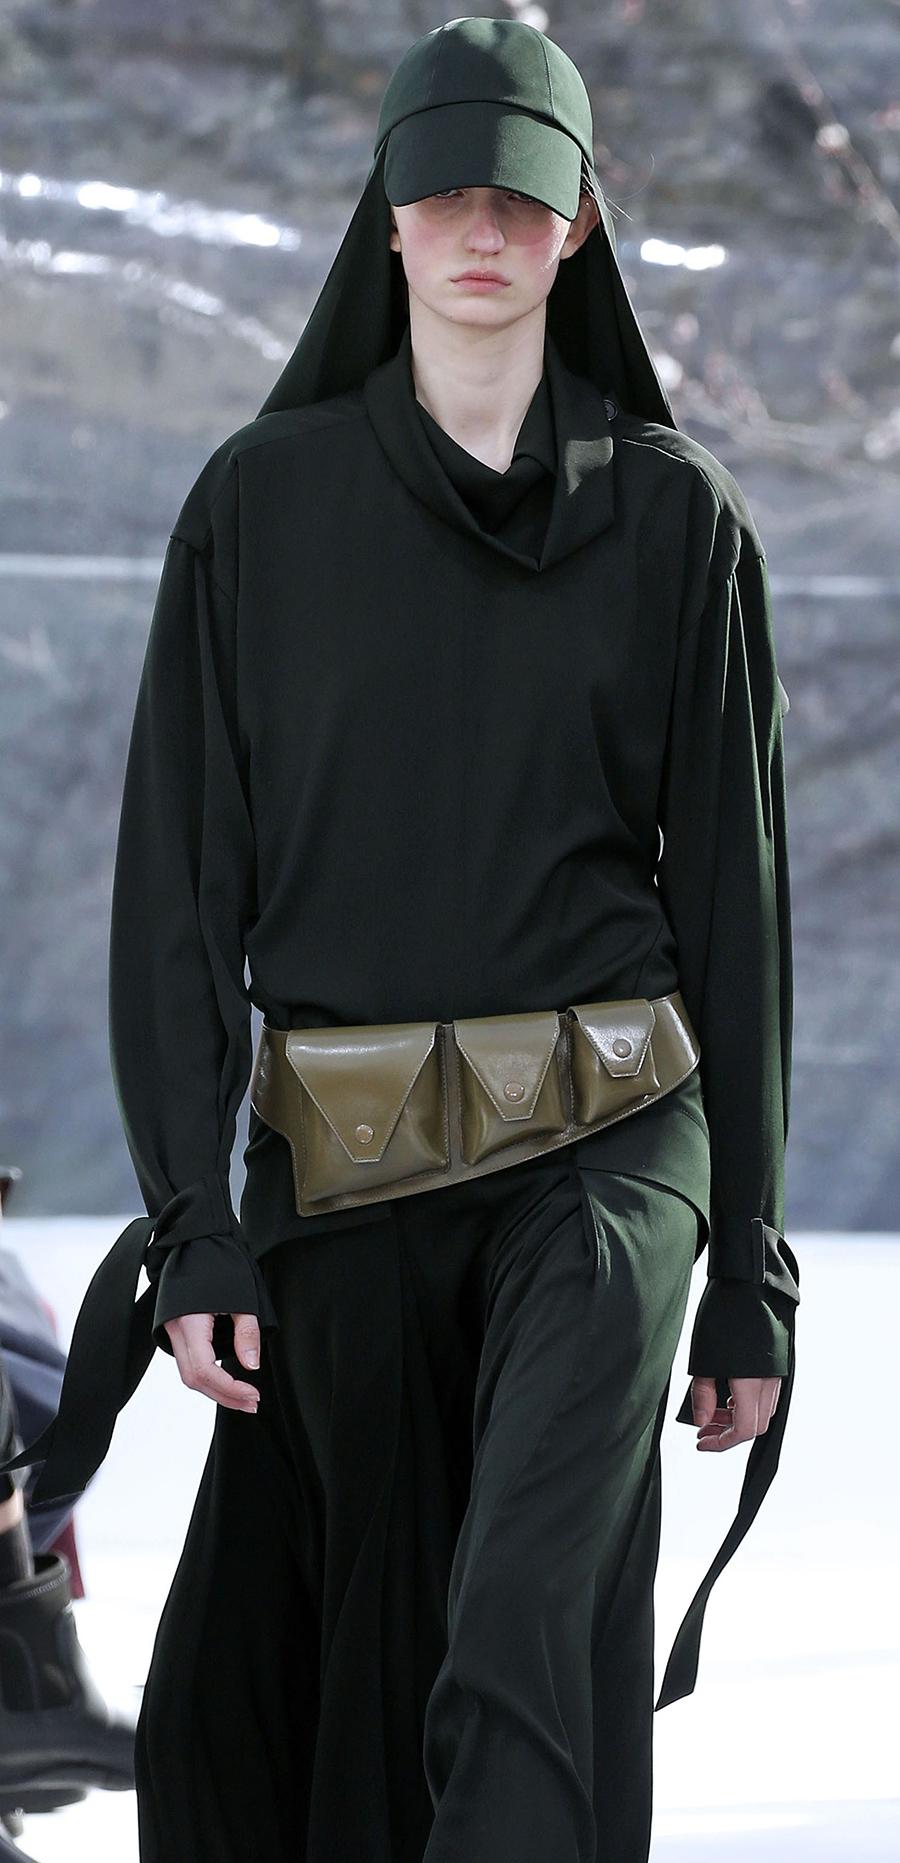 модная сумка поясная бананка на пояс осень зима 2020 2021 коричневая зеленая три кармана слинг